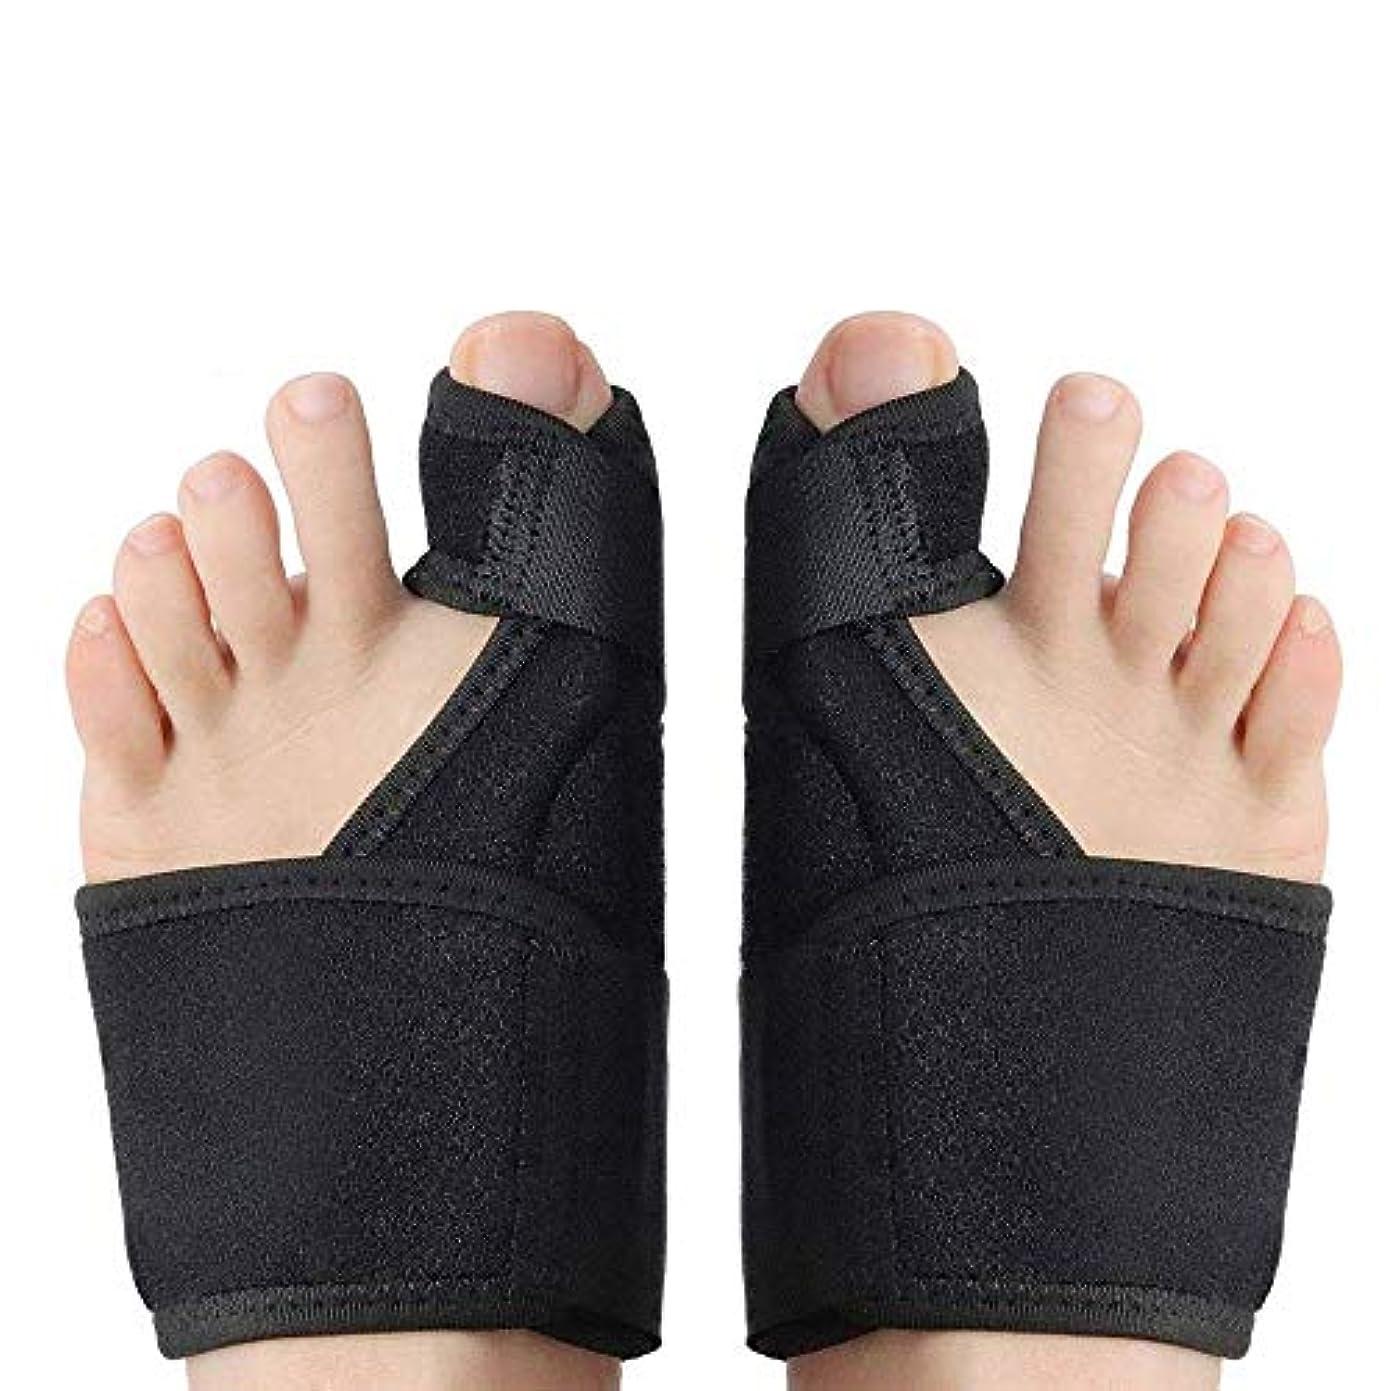 スライム発掘する登場腱膜矯正および腱膜弛緩整形外科のつま先ストレイテナー御馳走して外反母趾装具快適な外反ベルトアップグレードパッケージ